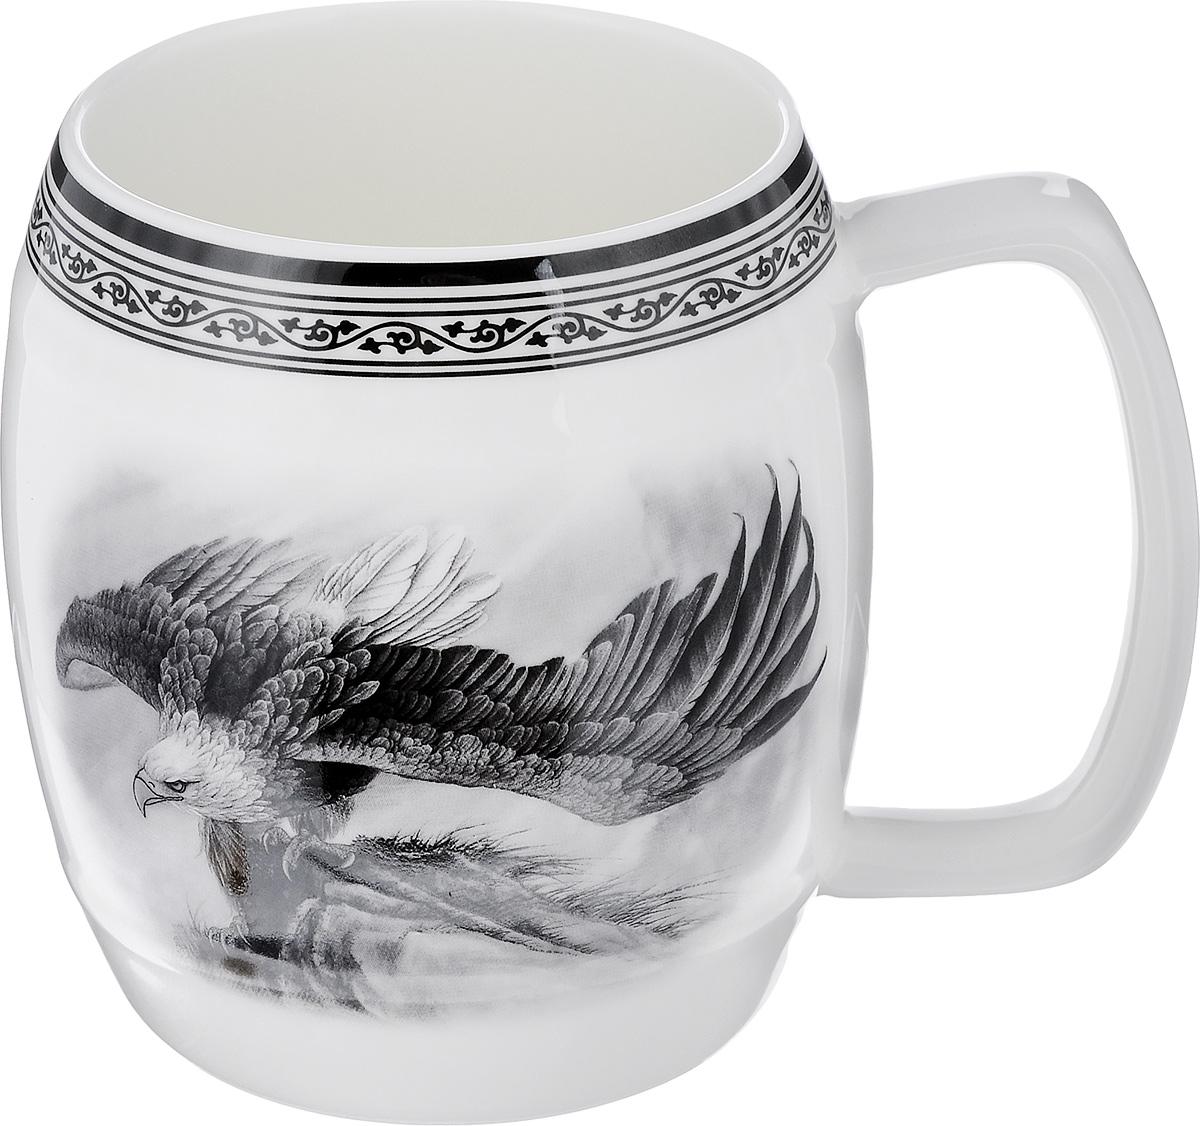 Кружка пивная Elan Gallery Орел, 700 мл530023Большая кружка Elan Gallery Орел, выполненная из керамики, станет оригинальным подарком любимым мужчинам! Идеальна для тех, кто предпочитает большие кружки, и для любителей чая, кофе и пенных напитков. Не рекомендуется применять абразивные моющие средства.Не использовать в микроволновой печи.